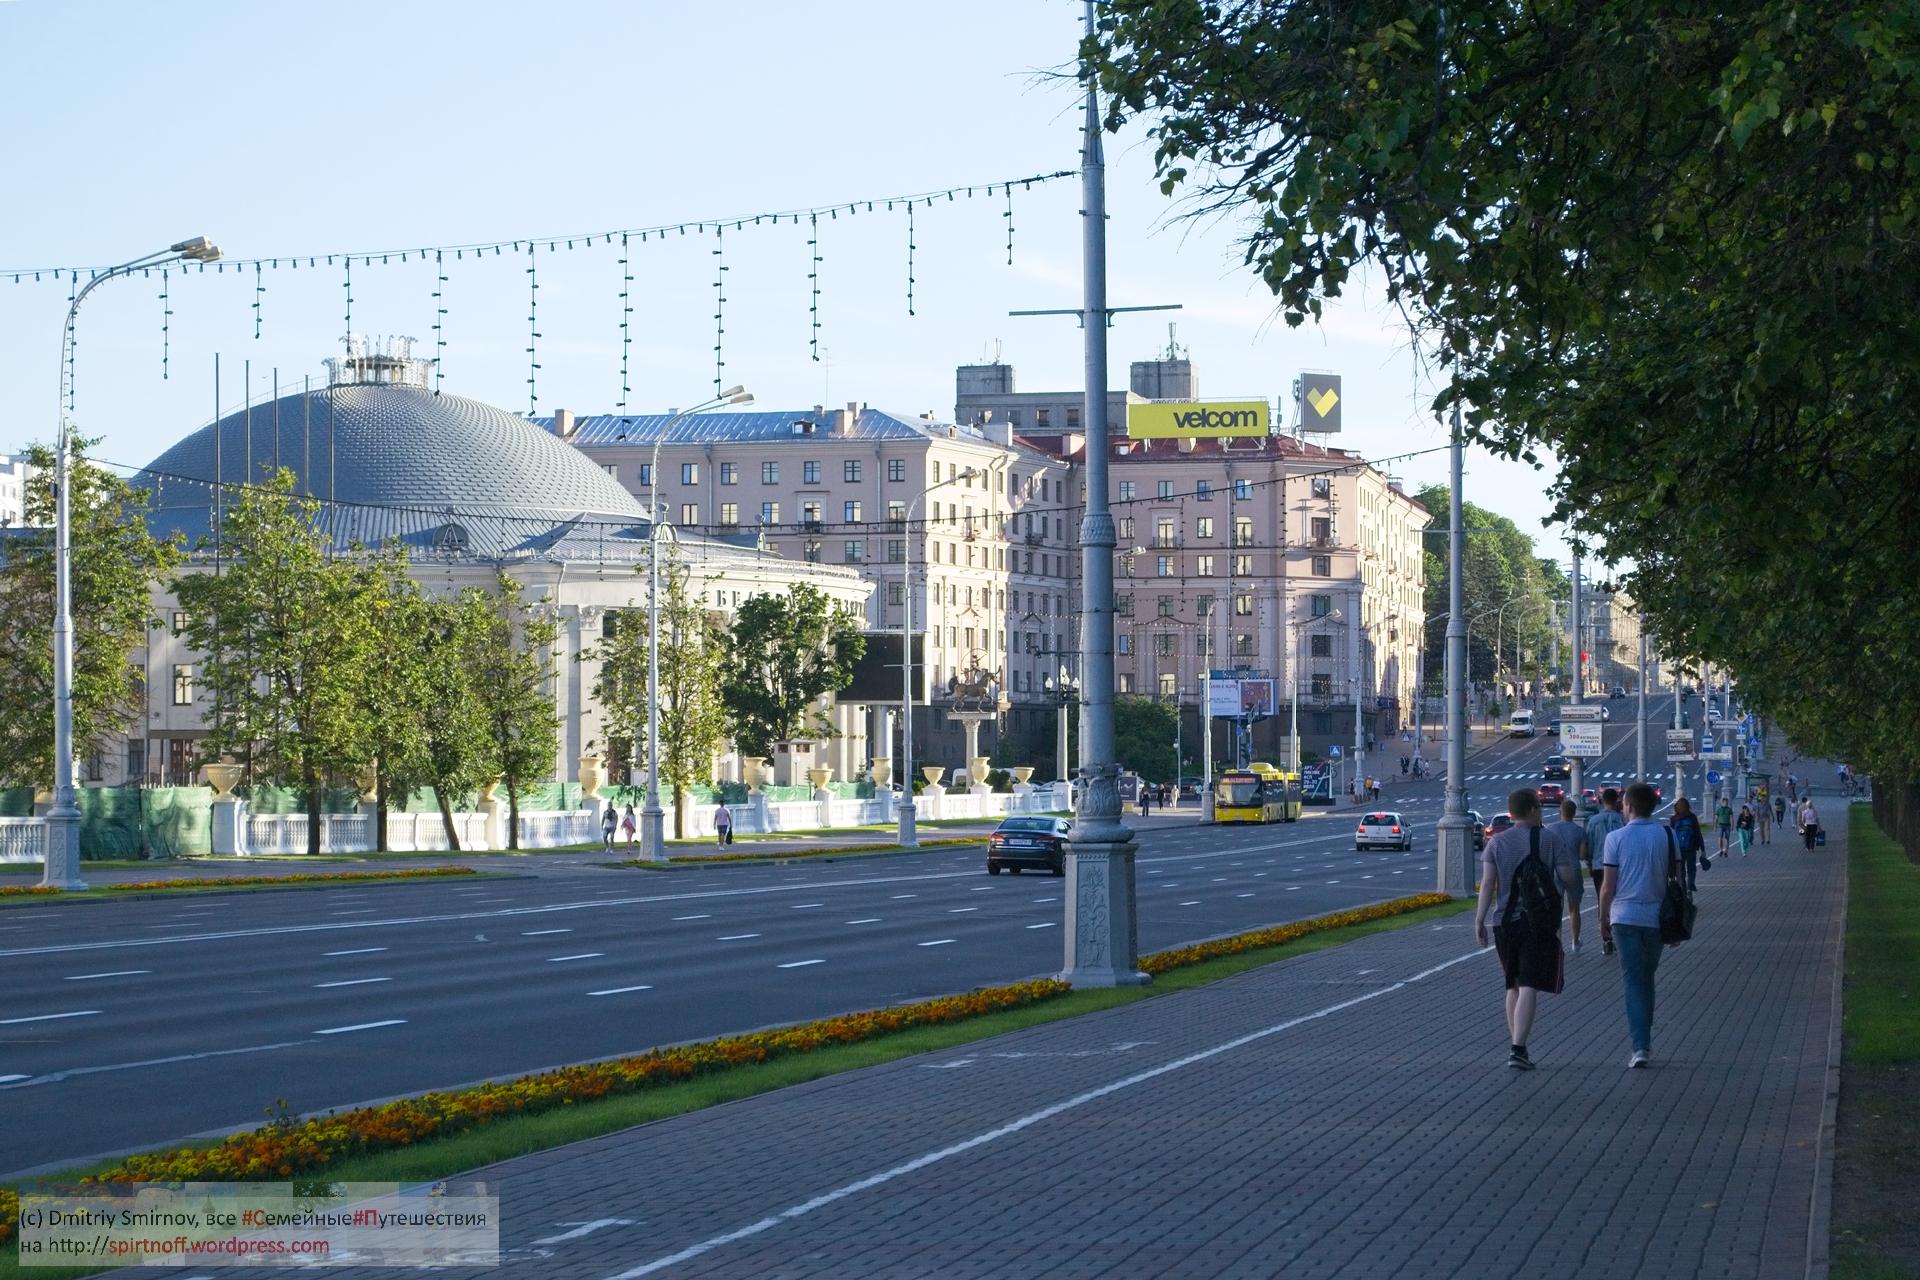 DSC_6805-Blog-65 Путешествия  Минск, Большой театр, сквер Марата Казея, сквер Янки Купалы, проспект Независимости